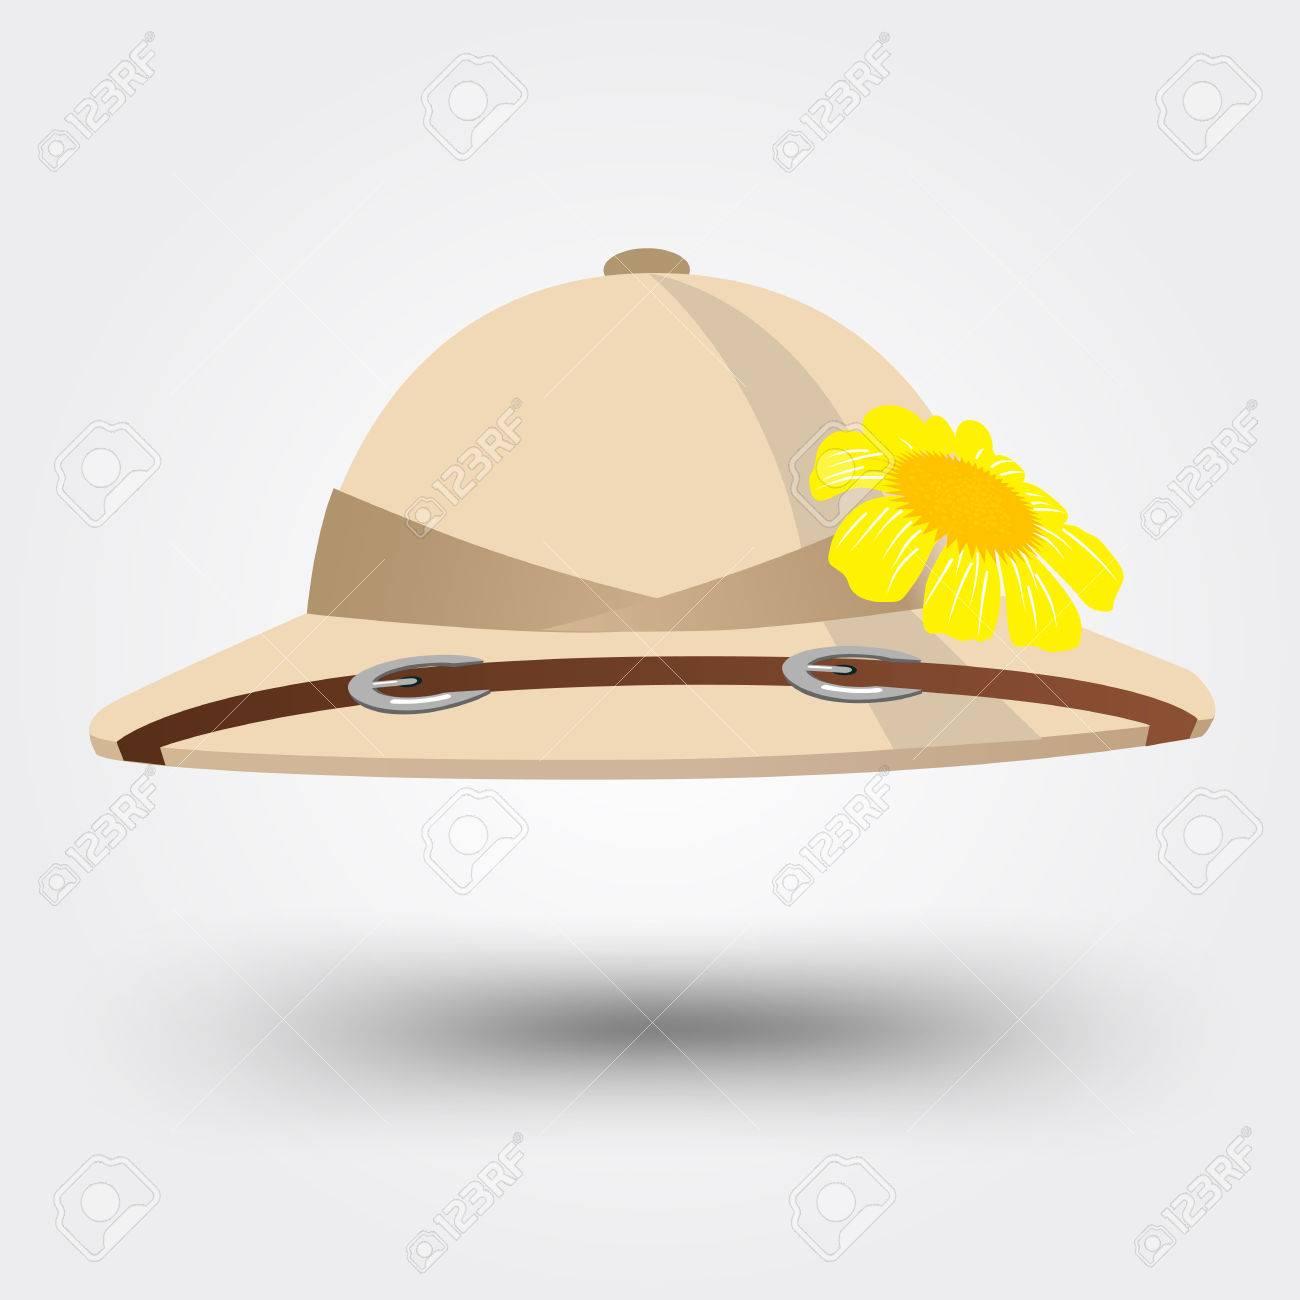 Foto de archivo - Ilustración vectorial de sombrero sombrero de explorador  para el safari aislados sobre fondo blanco f61dbc350f0